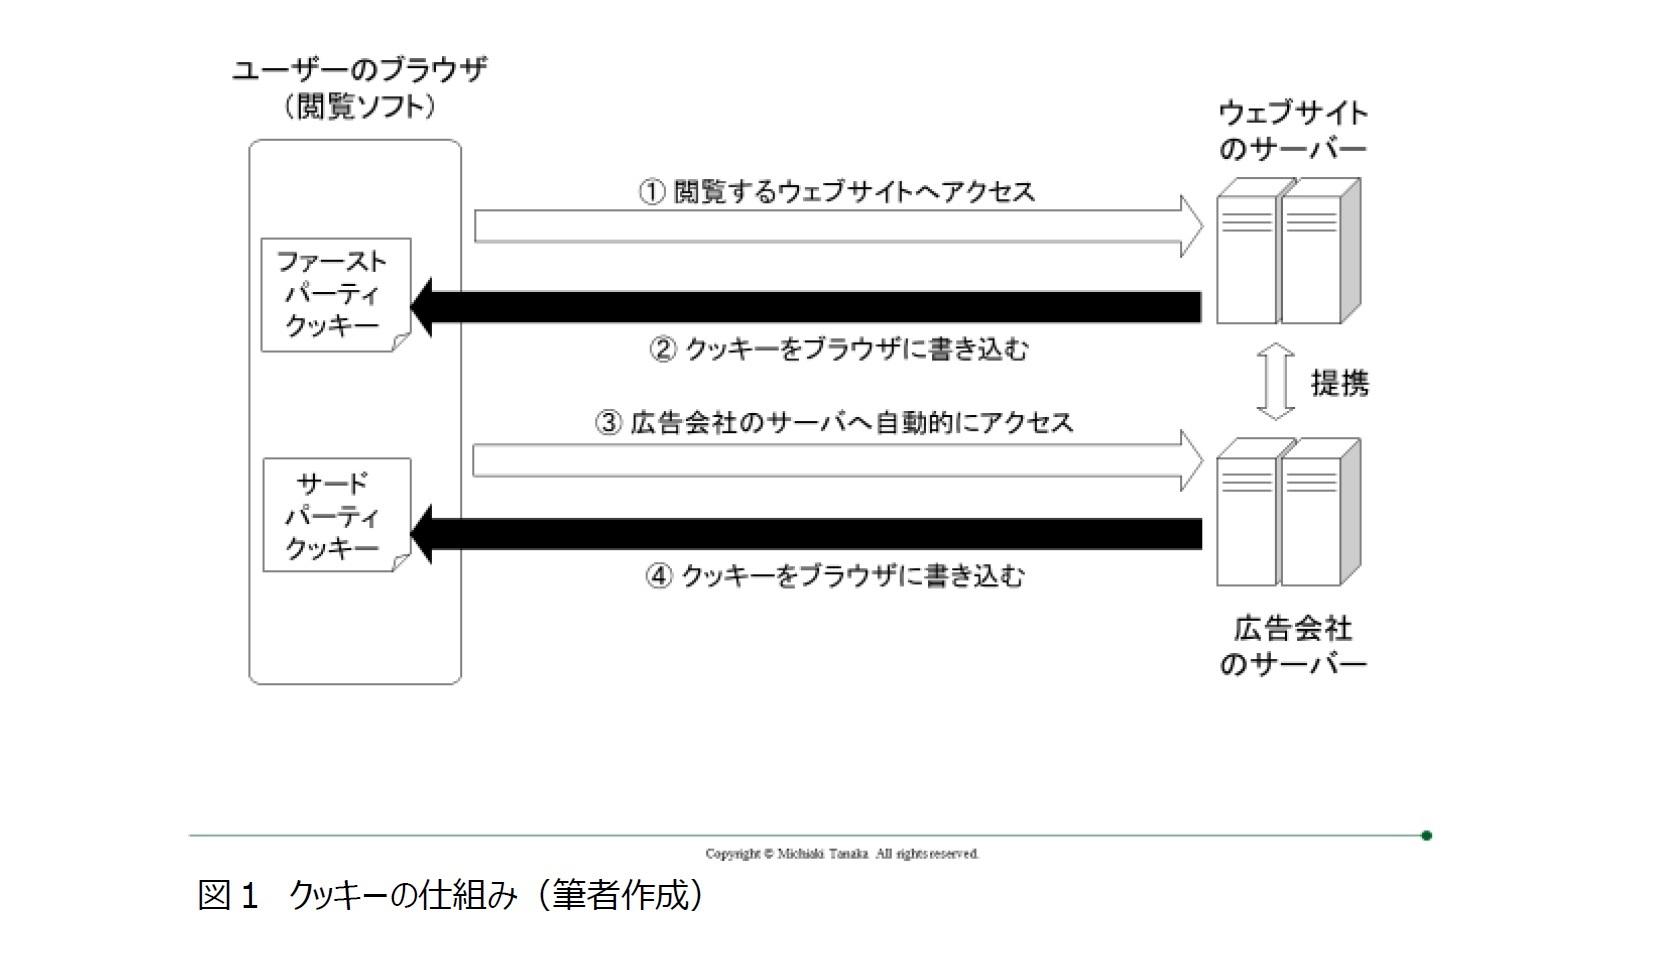 図1 クッキーの仕組み(筆者作成)